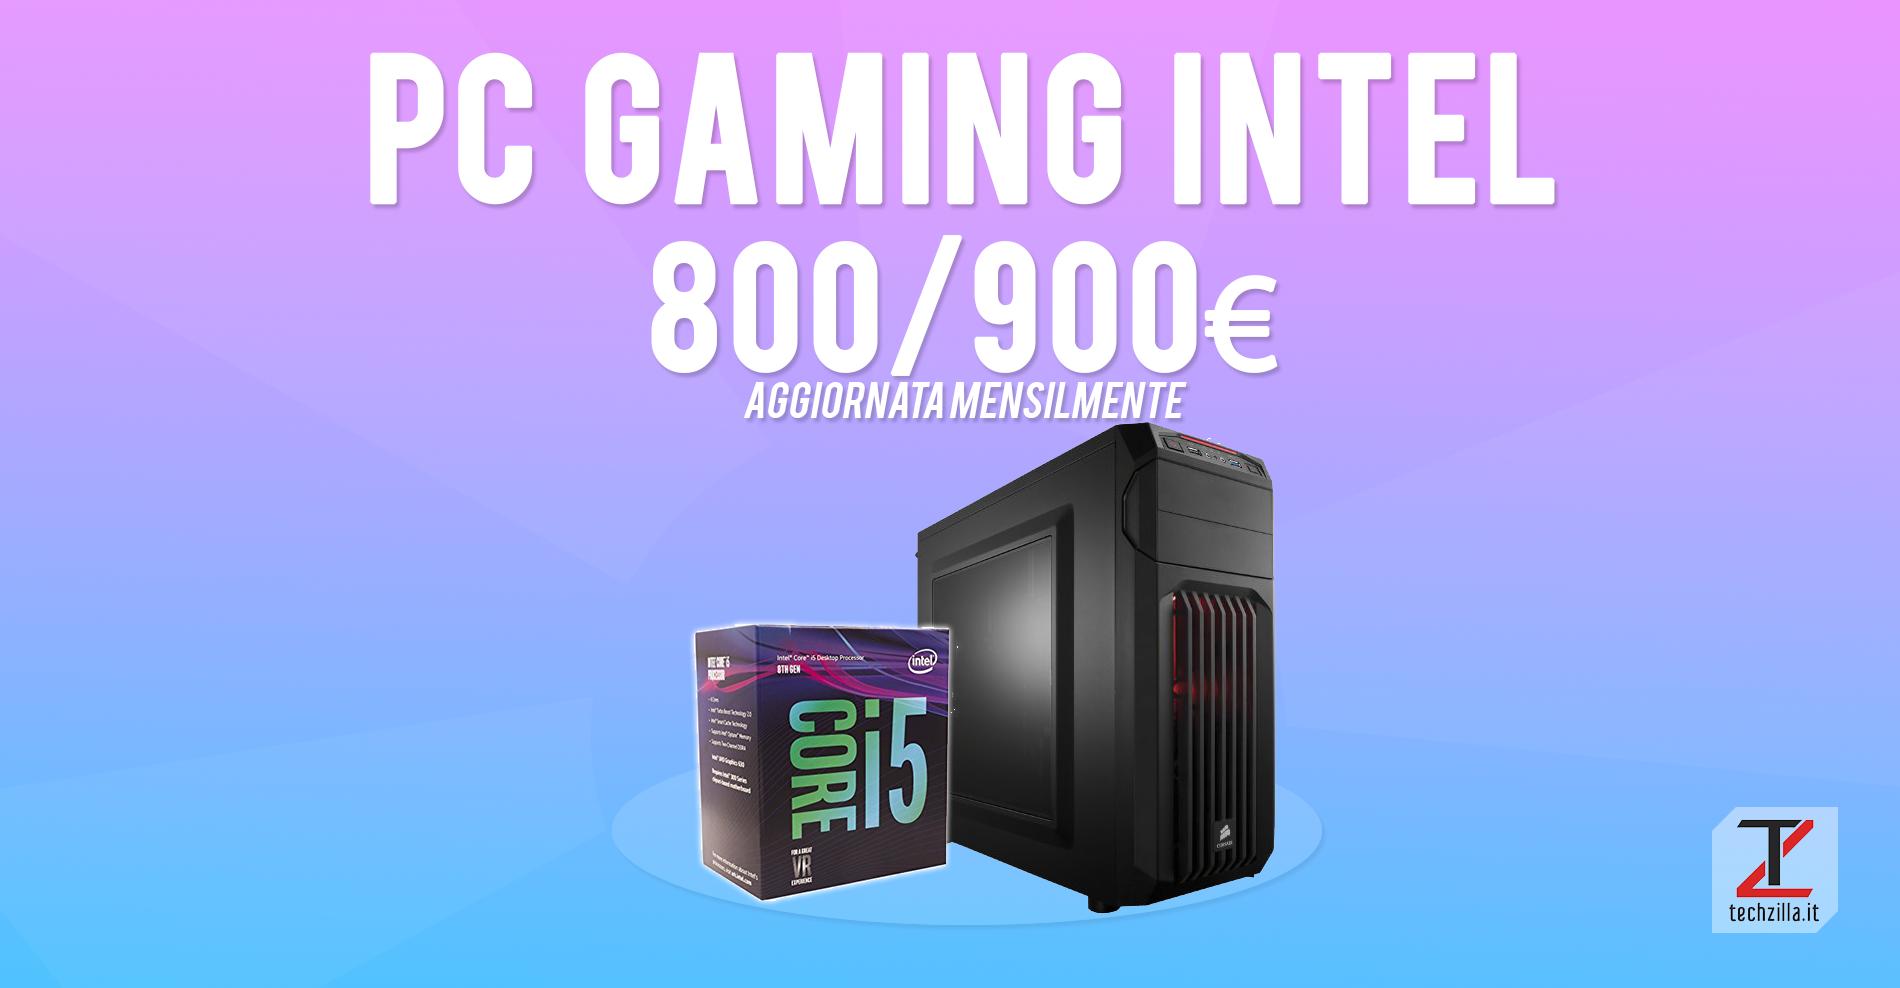 miglior PC Intel 800 900 euro